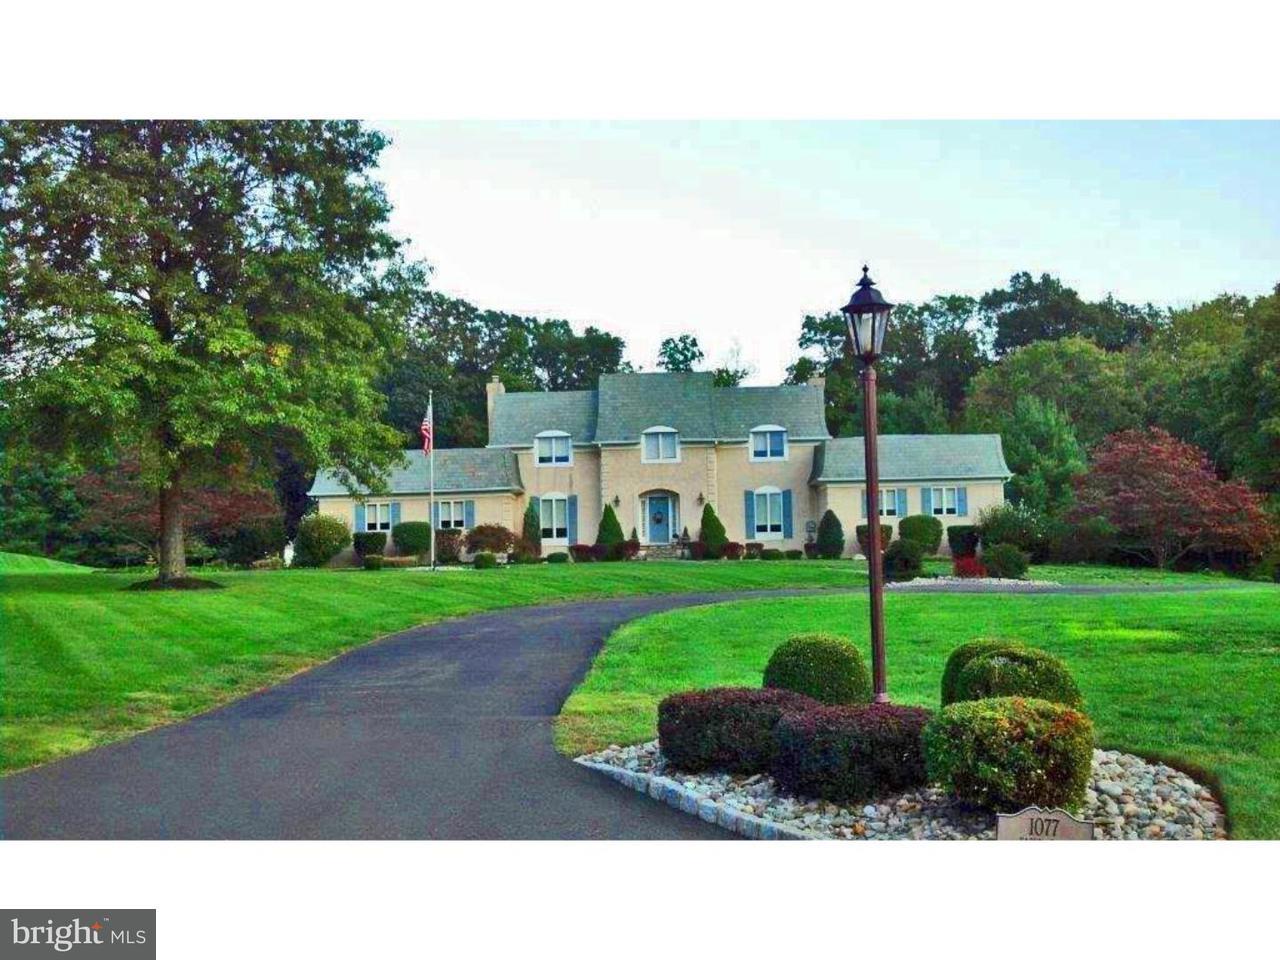 独户住宅 为 出租 在 1077 EAGLE Road 纽镇, 宾夕法尼亚州 18940 美国